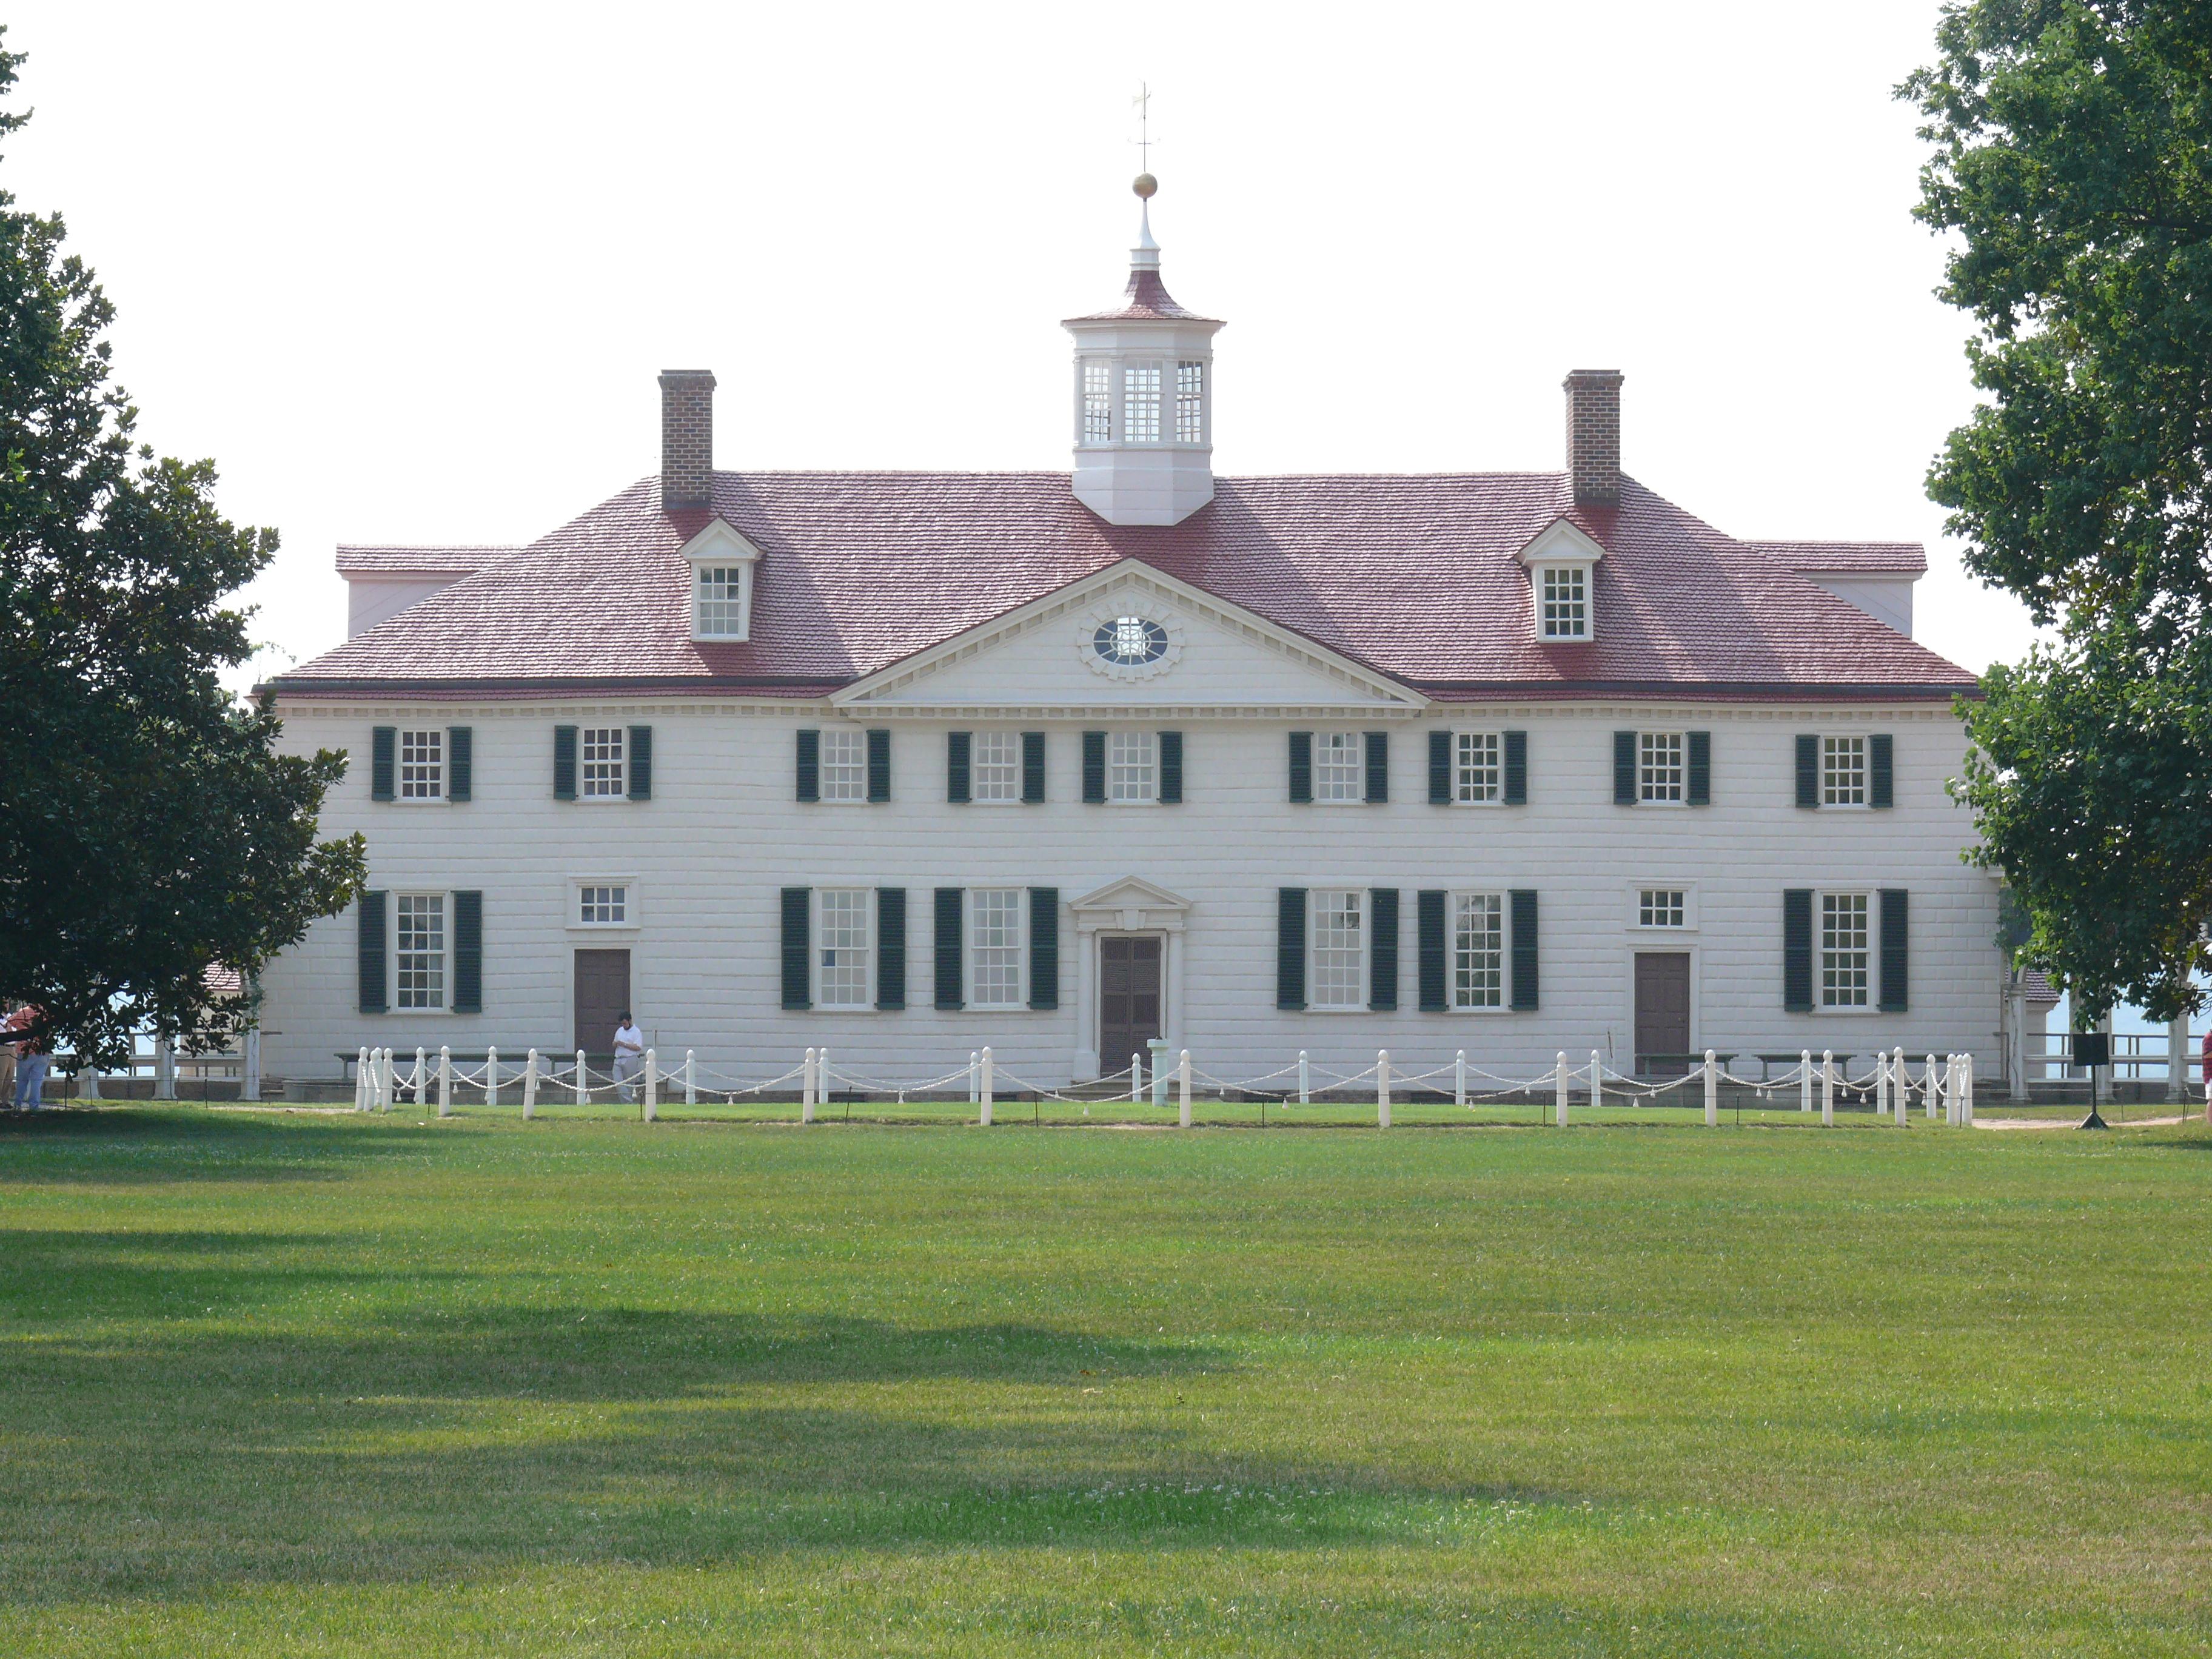 Photo of George Washington's Mount Vernon estate